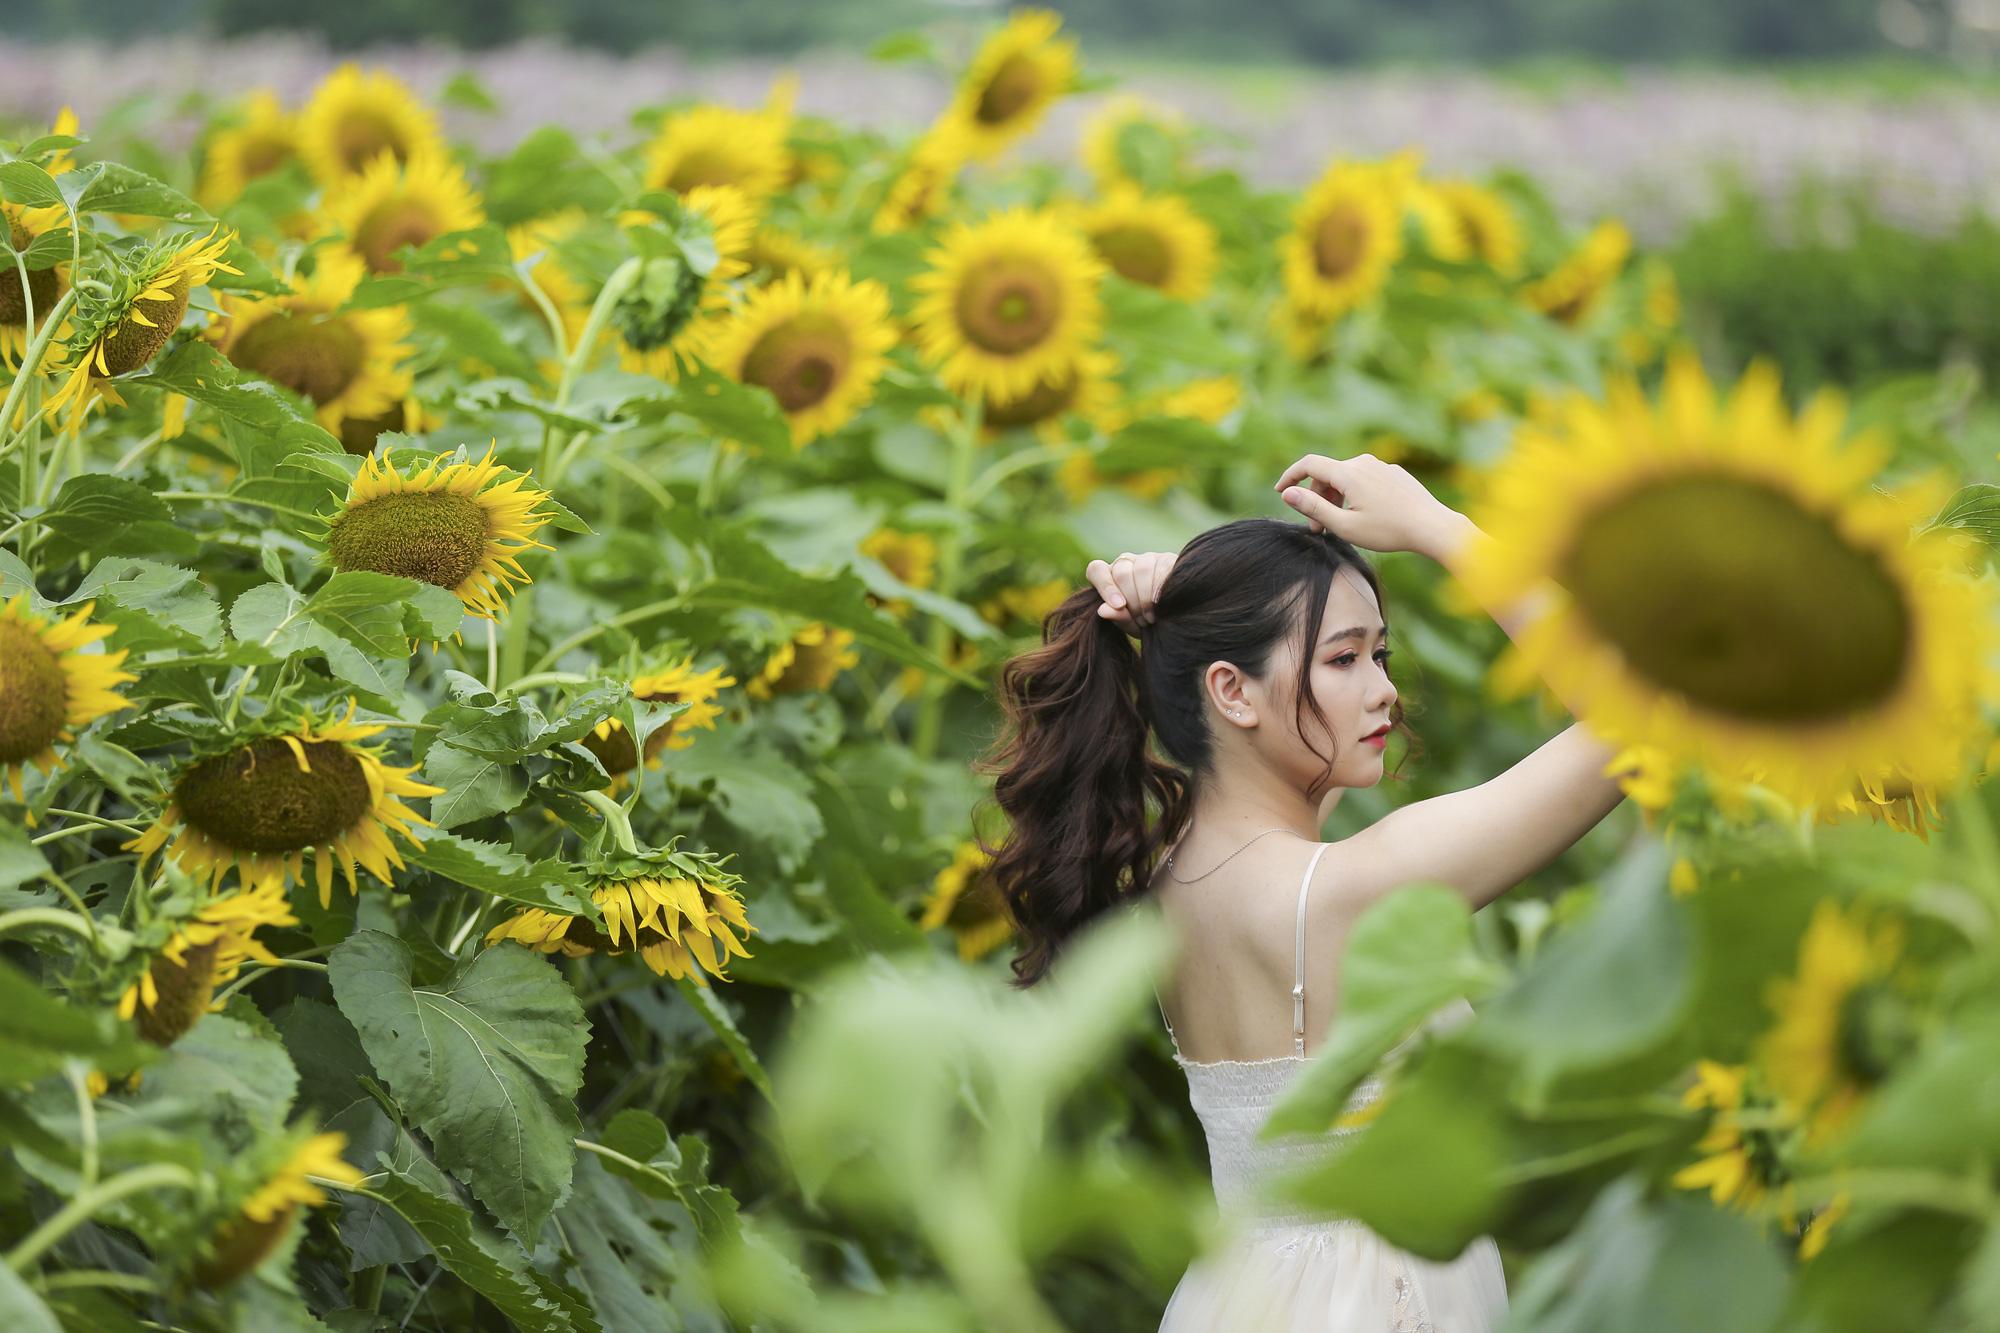 Hoa hướng dương tuyệt đẹp, giới trẻ đổ xô đến chụp ảnh - Ảnh 4.